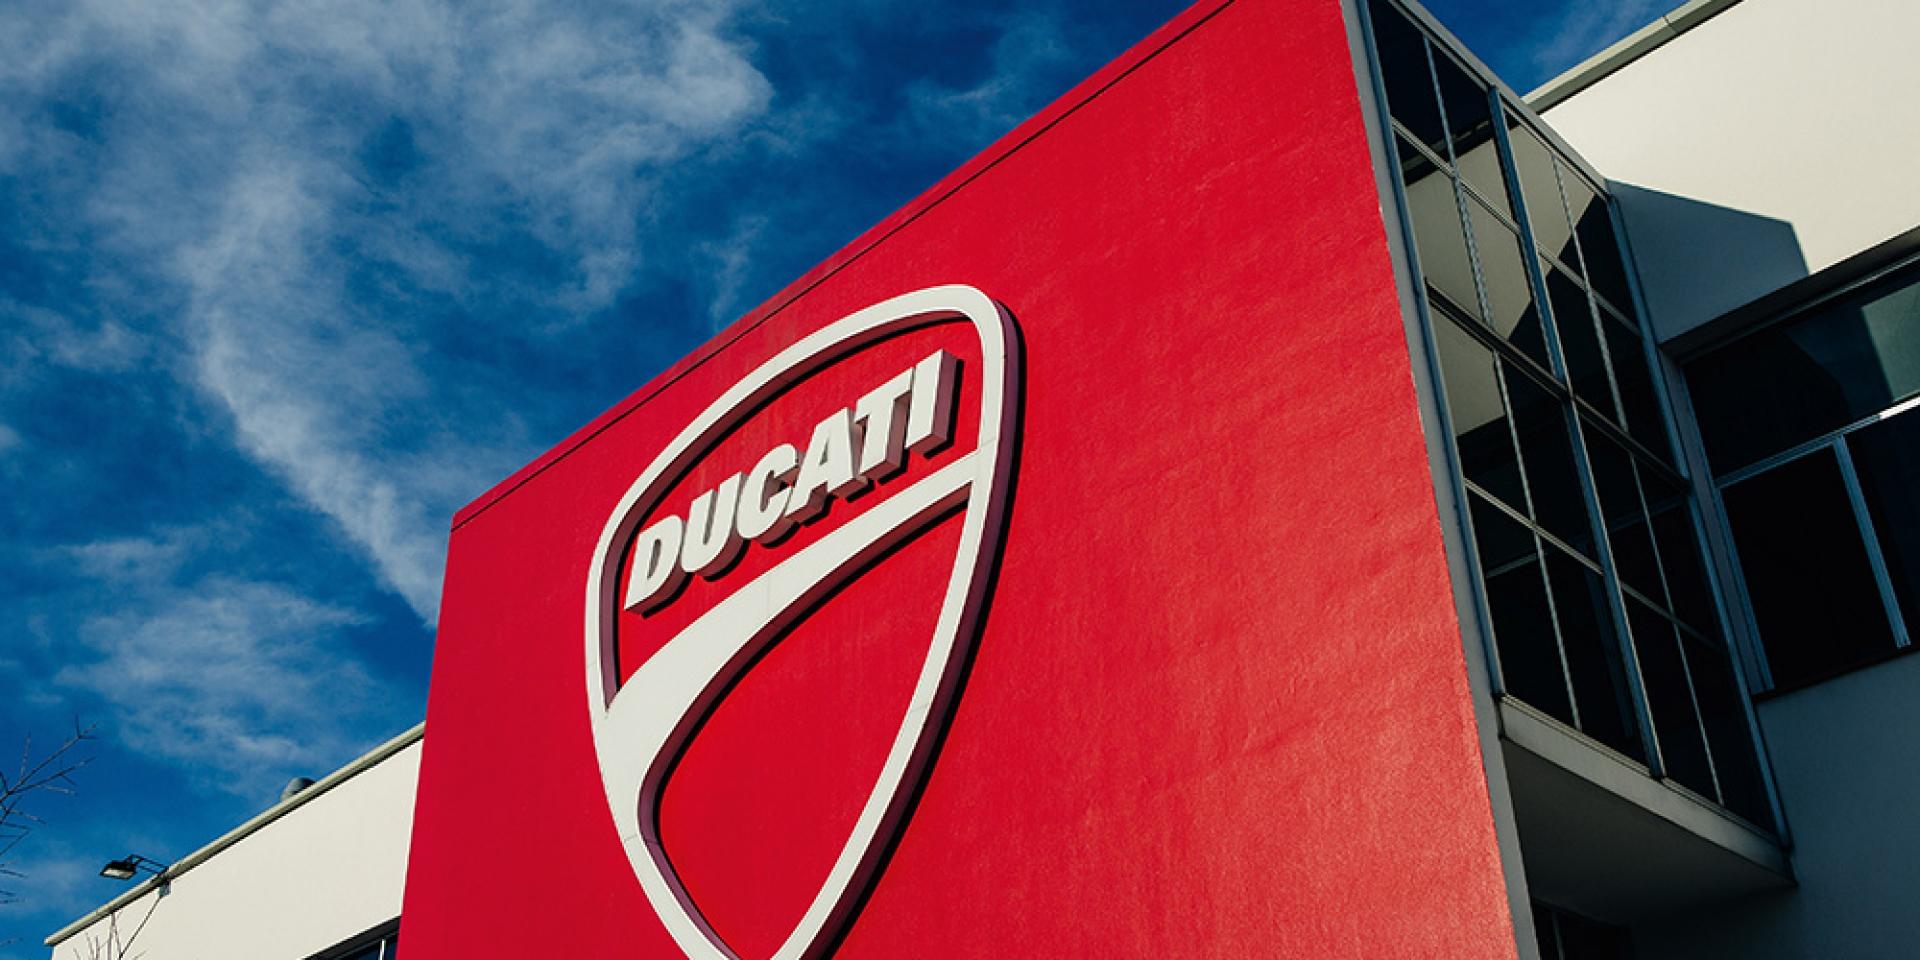 不賣了不賣了!VW集團否認出售DUCATI品牌傳聞!